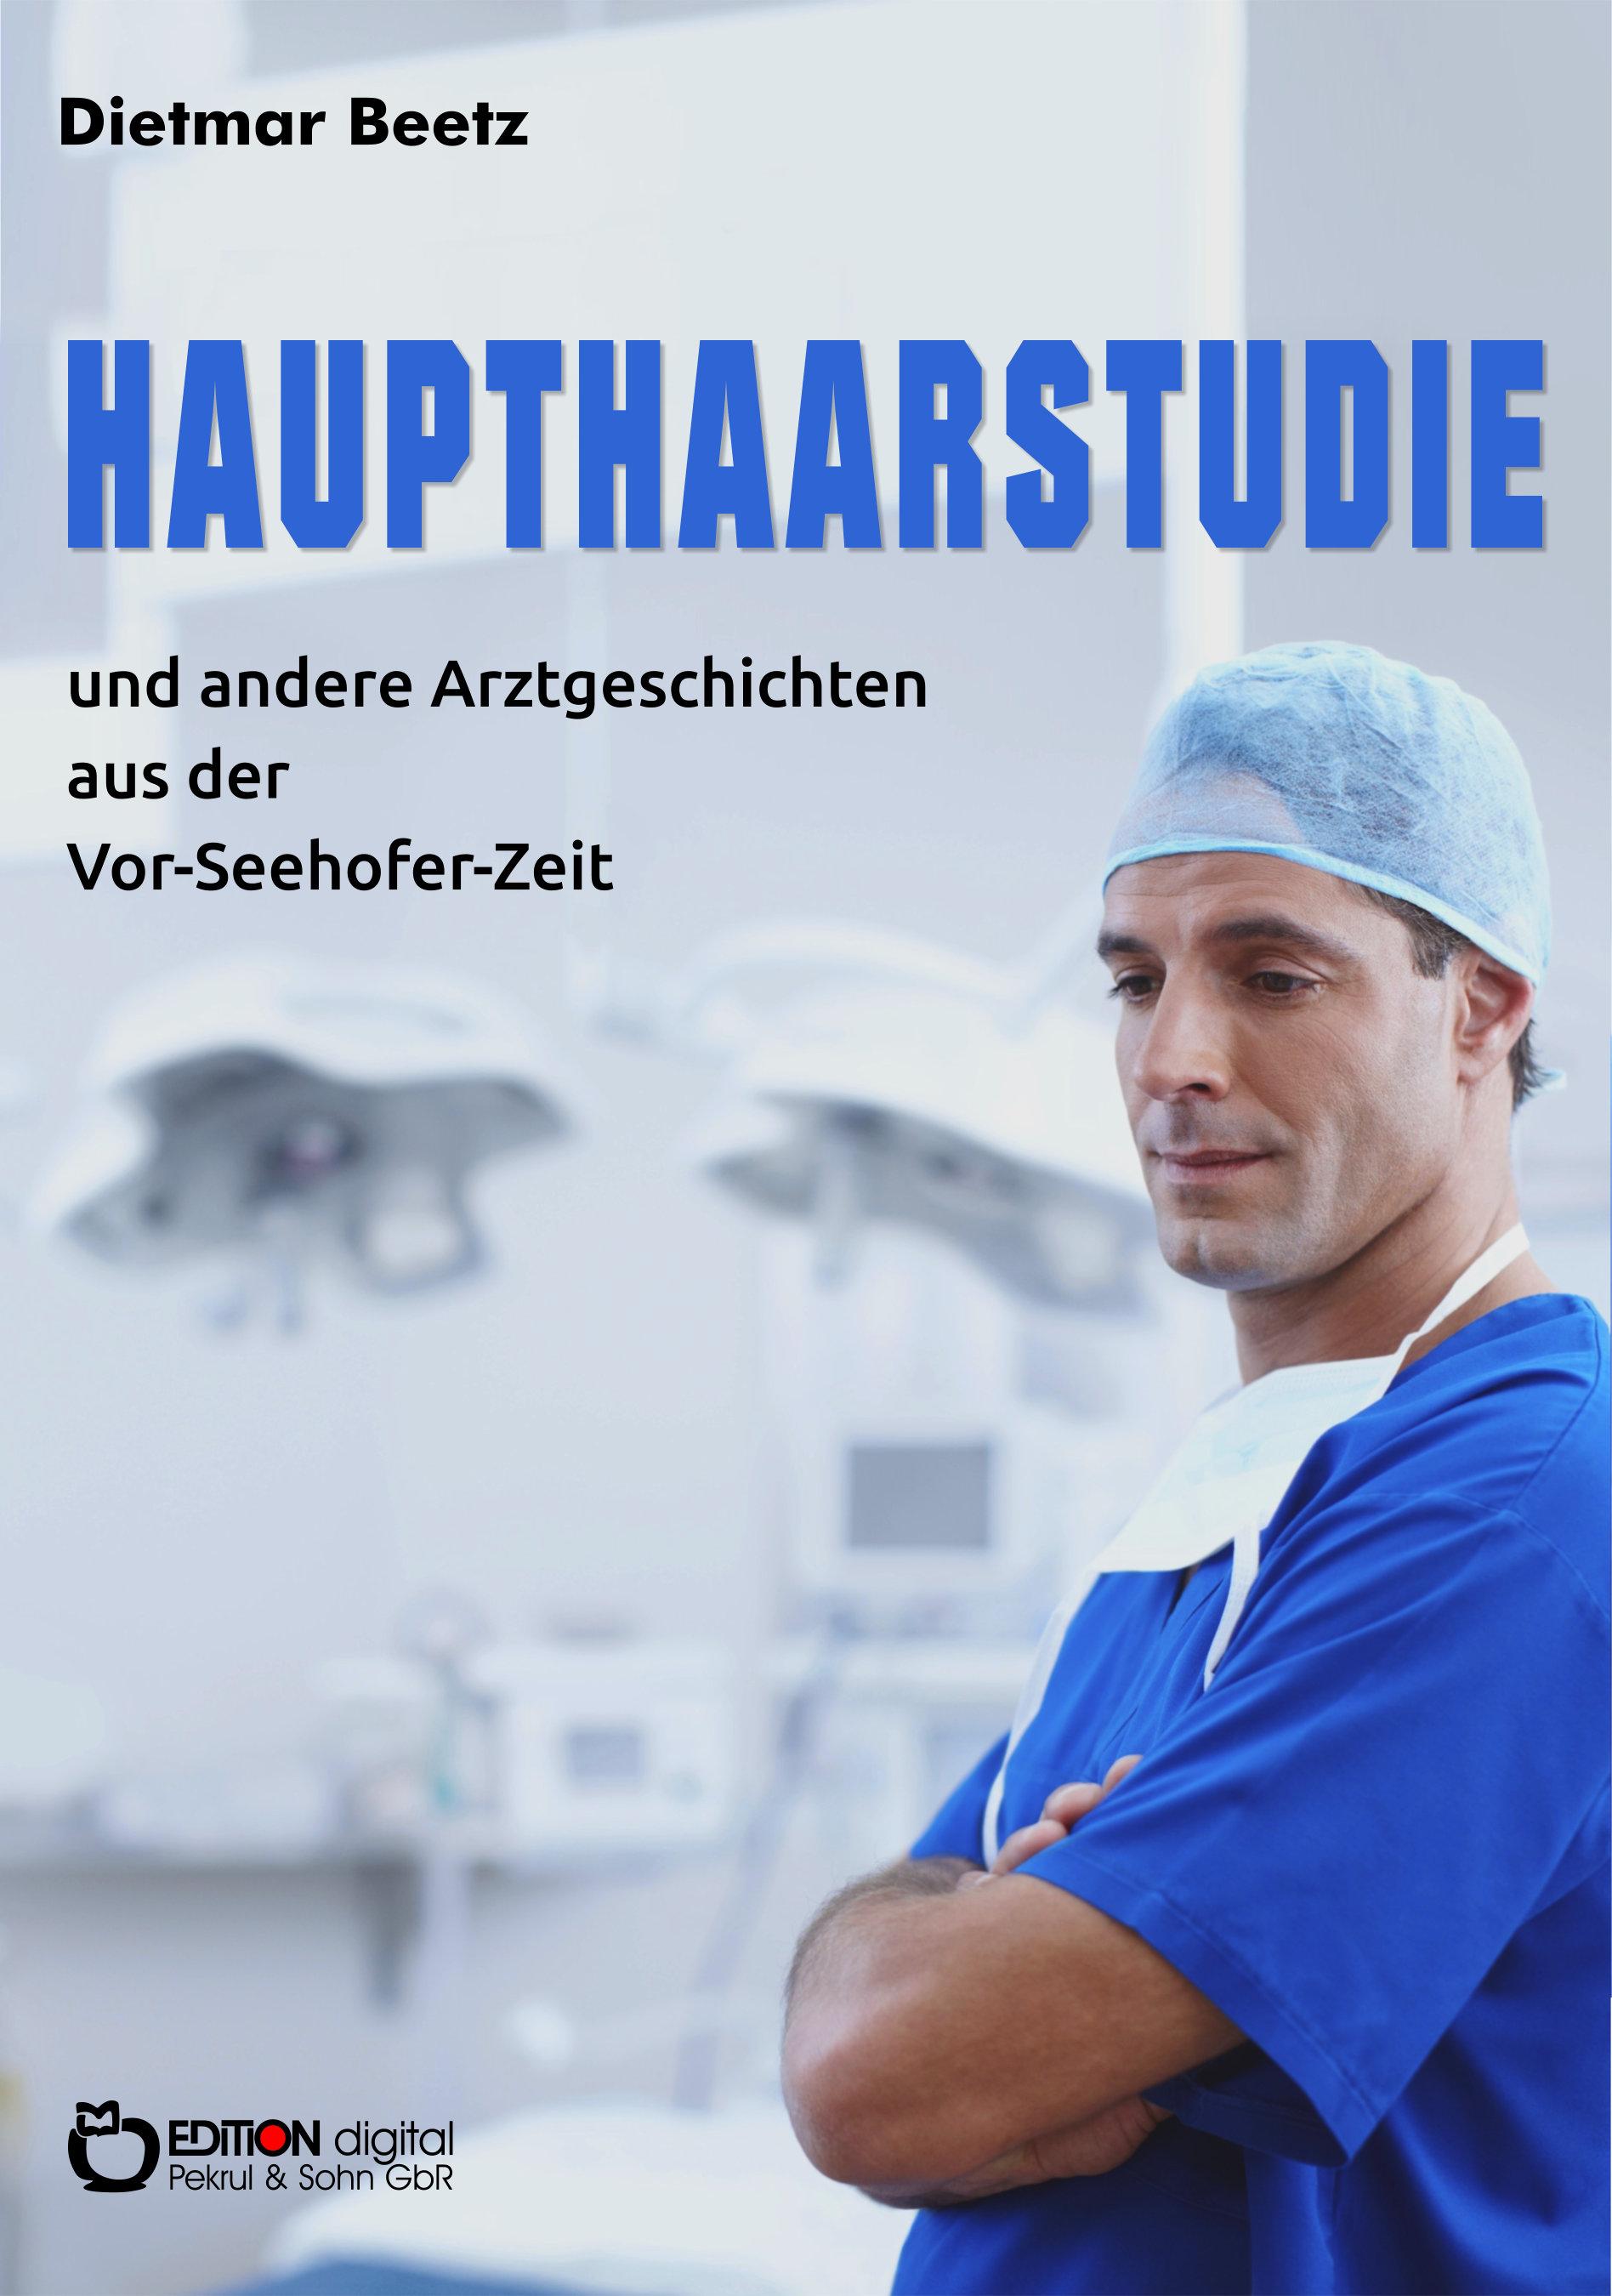 Haupthaarstudie und andere Arztgeschichten aus der Vor-Seehofer-Zeit von Dietmar Beetz